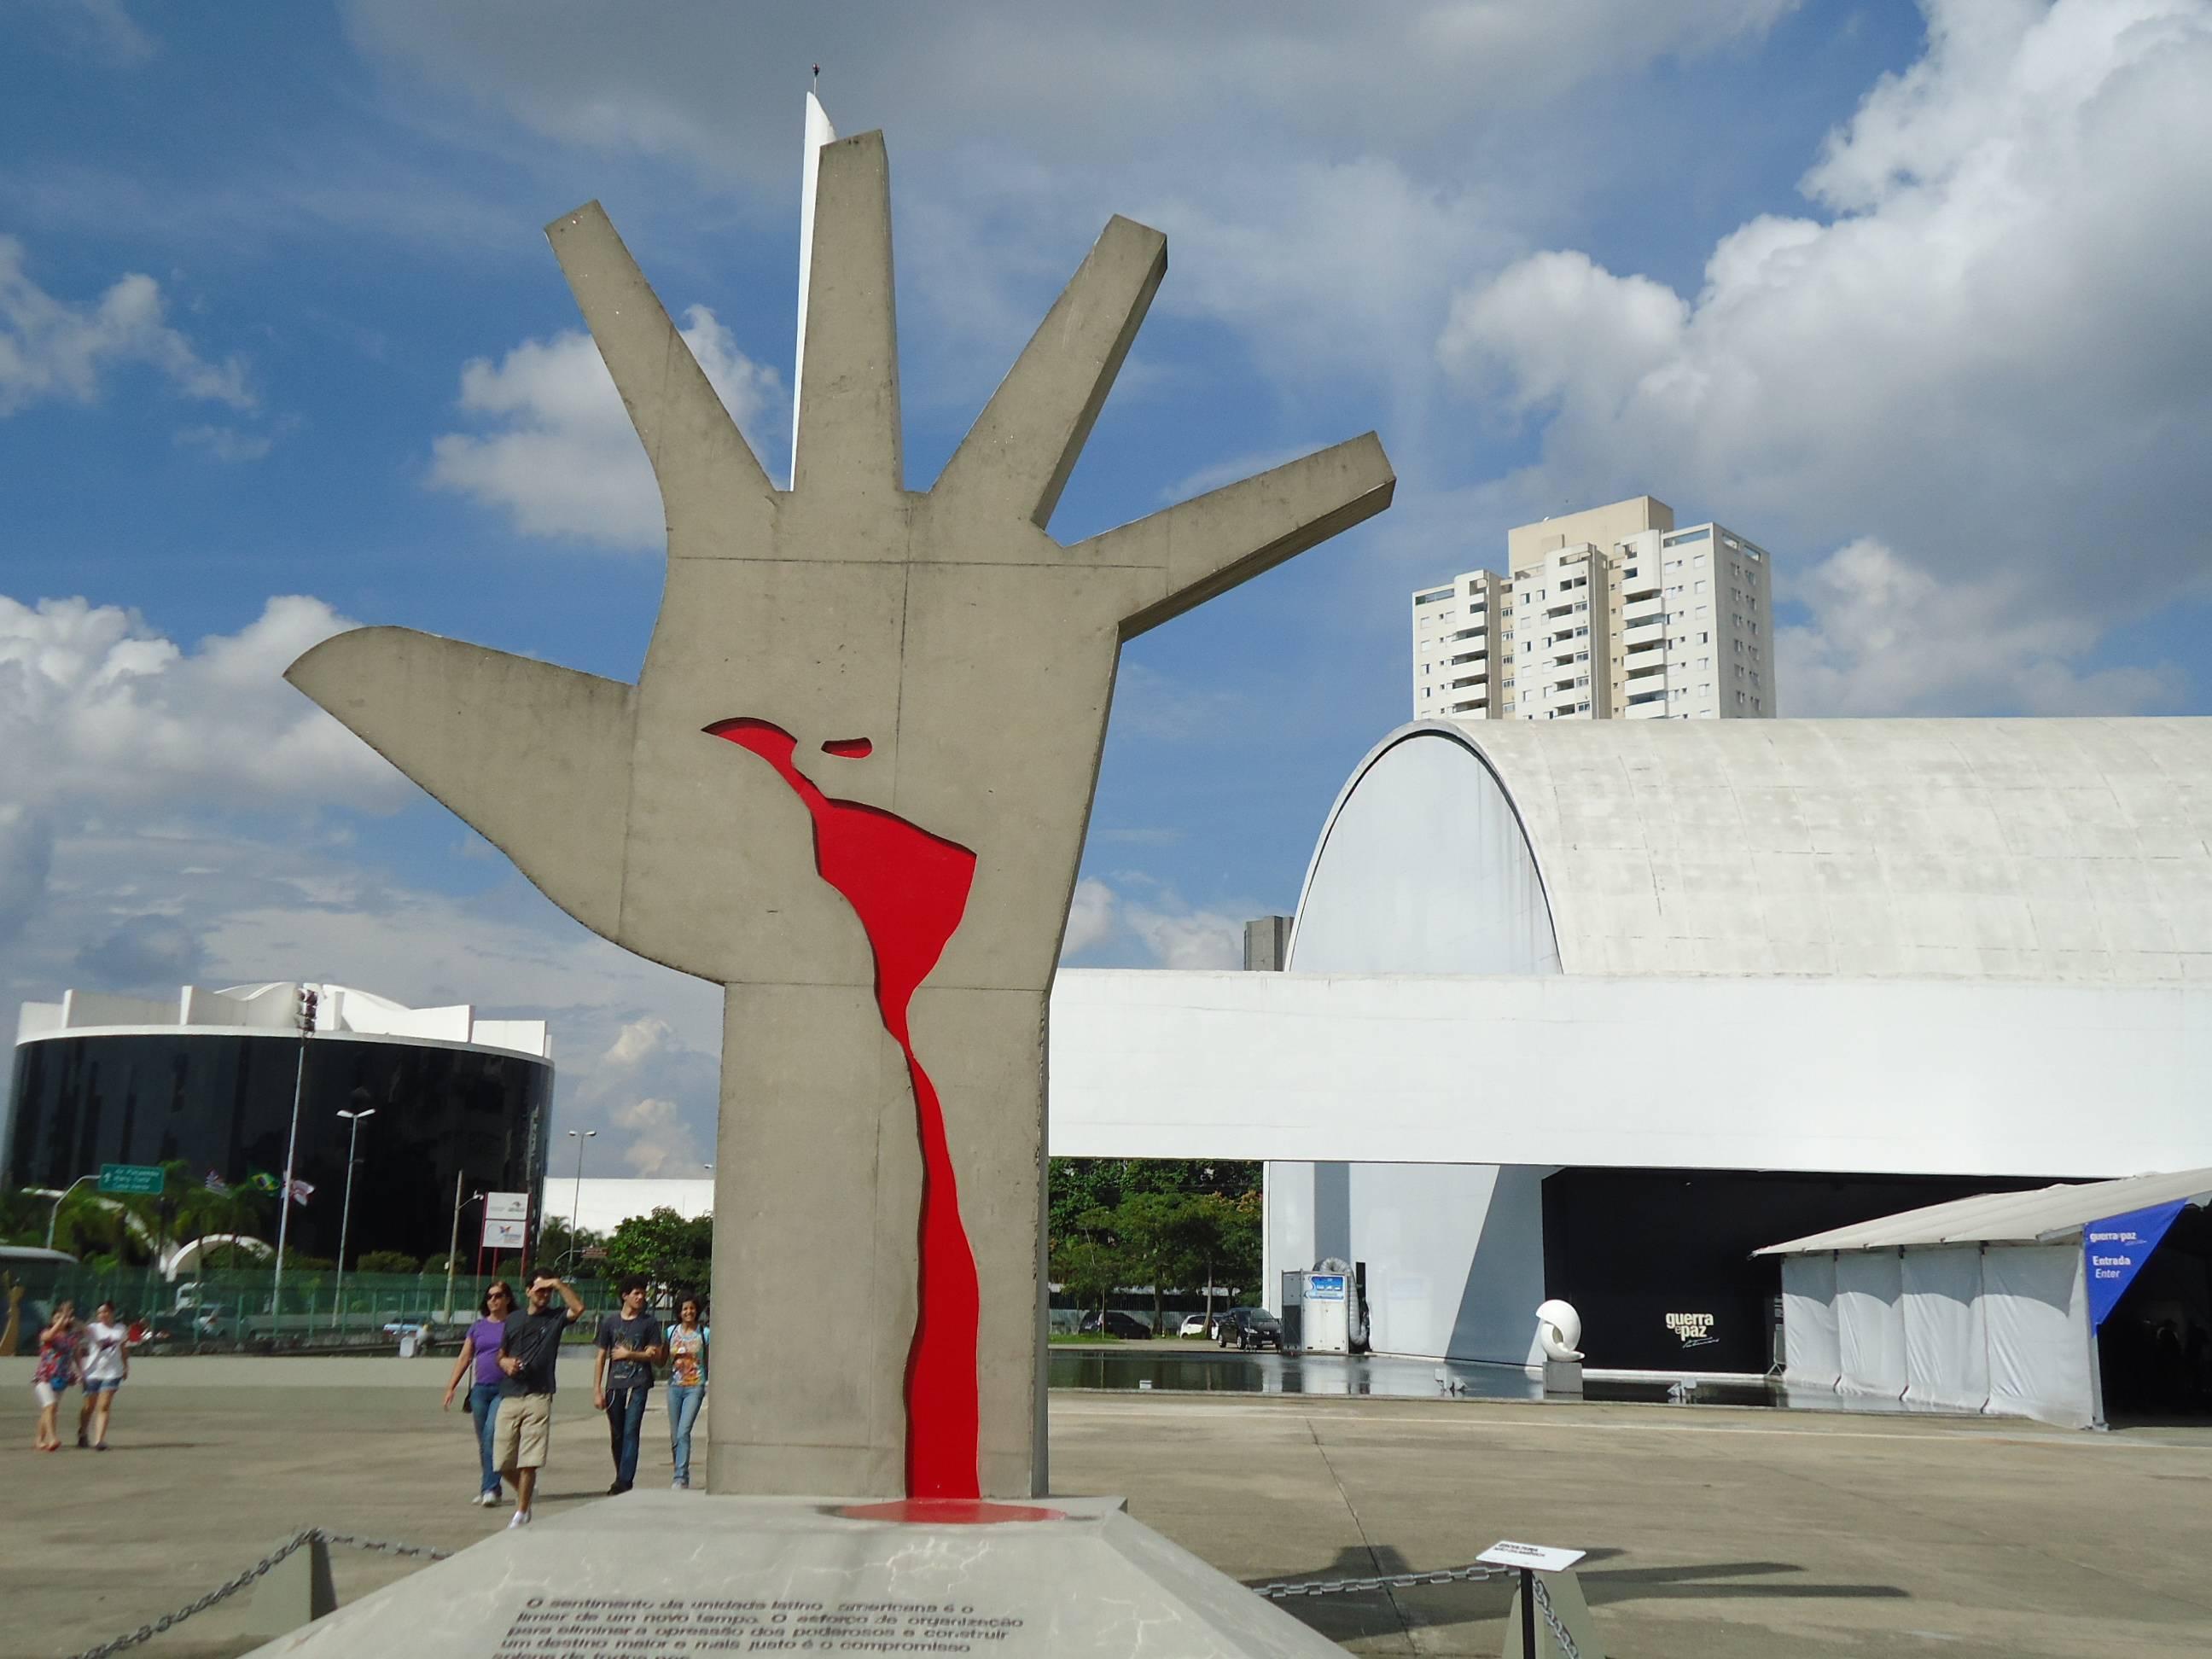 O Memorial da América Latina, desenhado pelo ícone Oscar Niemeyer, recebe a BienalSur. (crédito: divulgação).